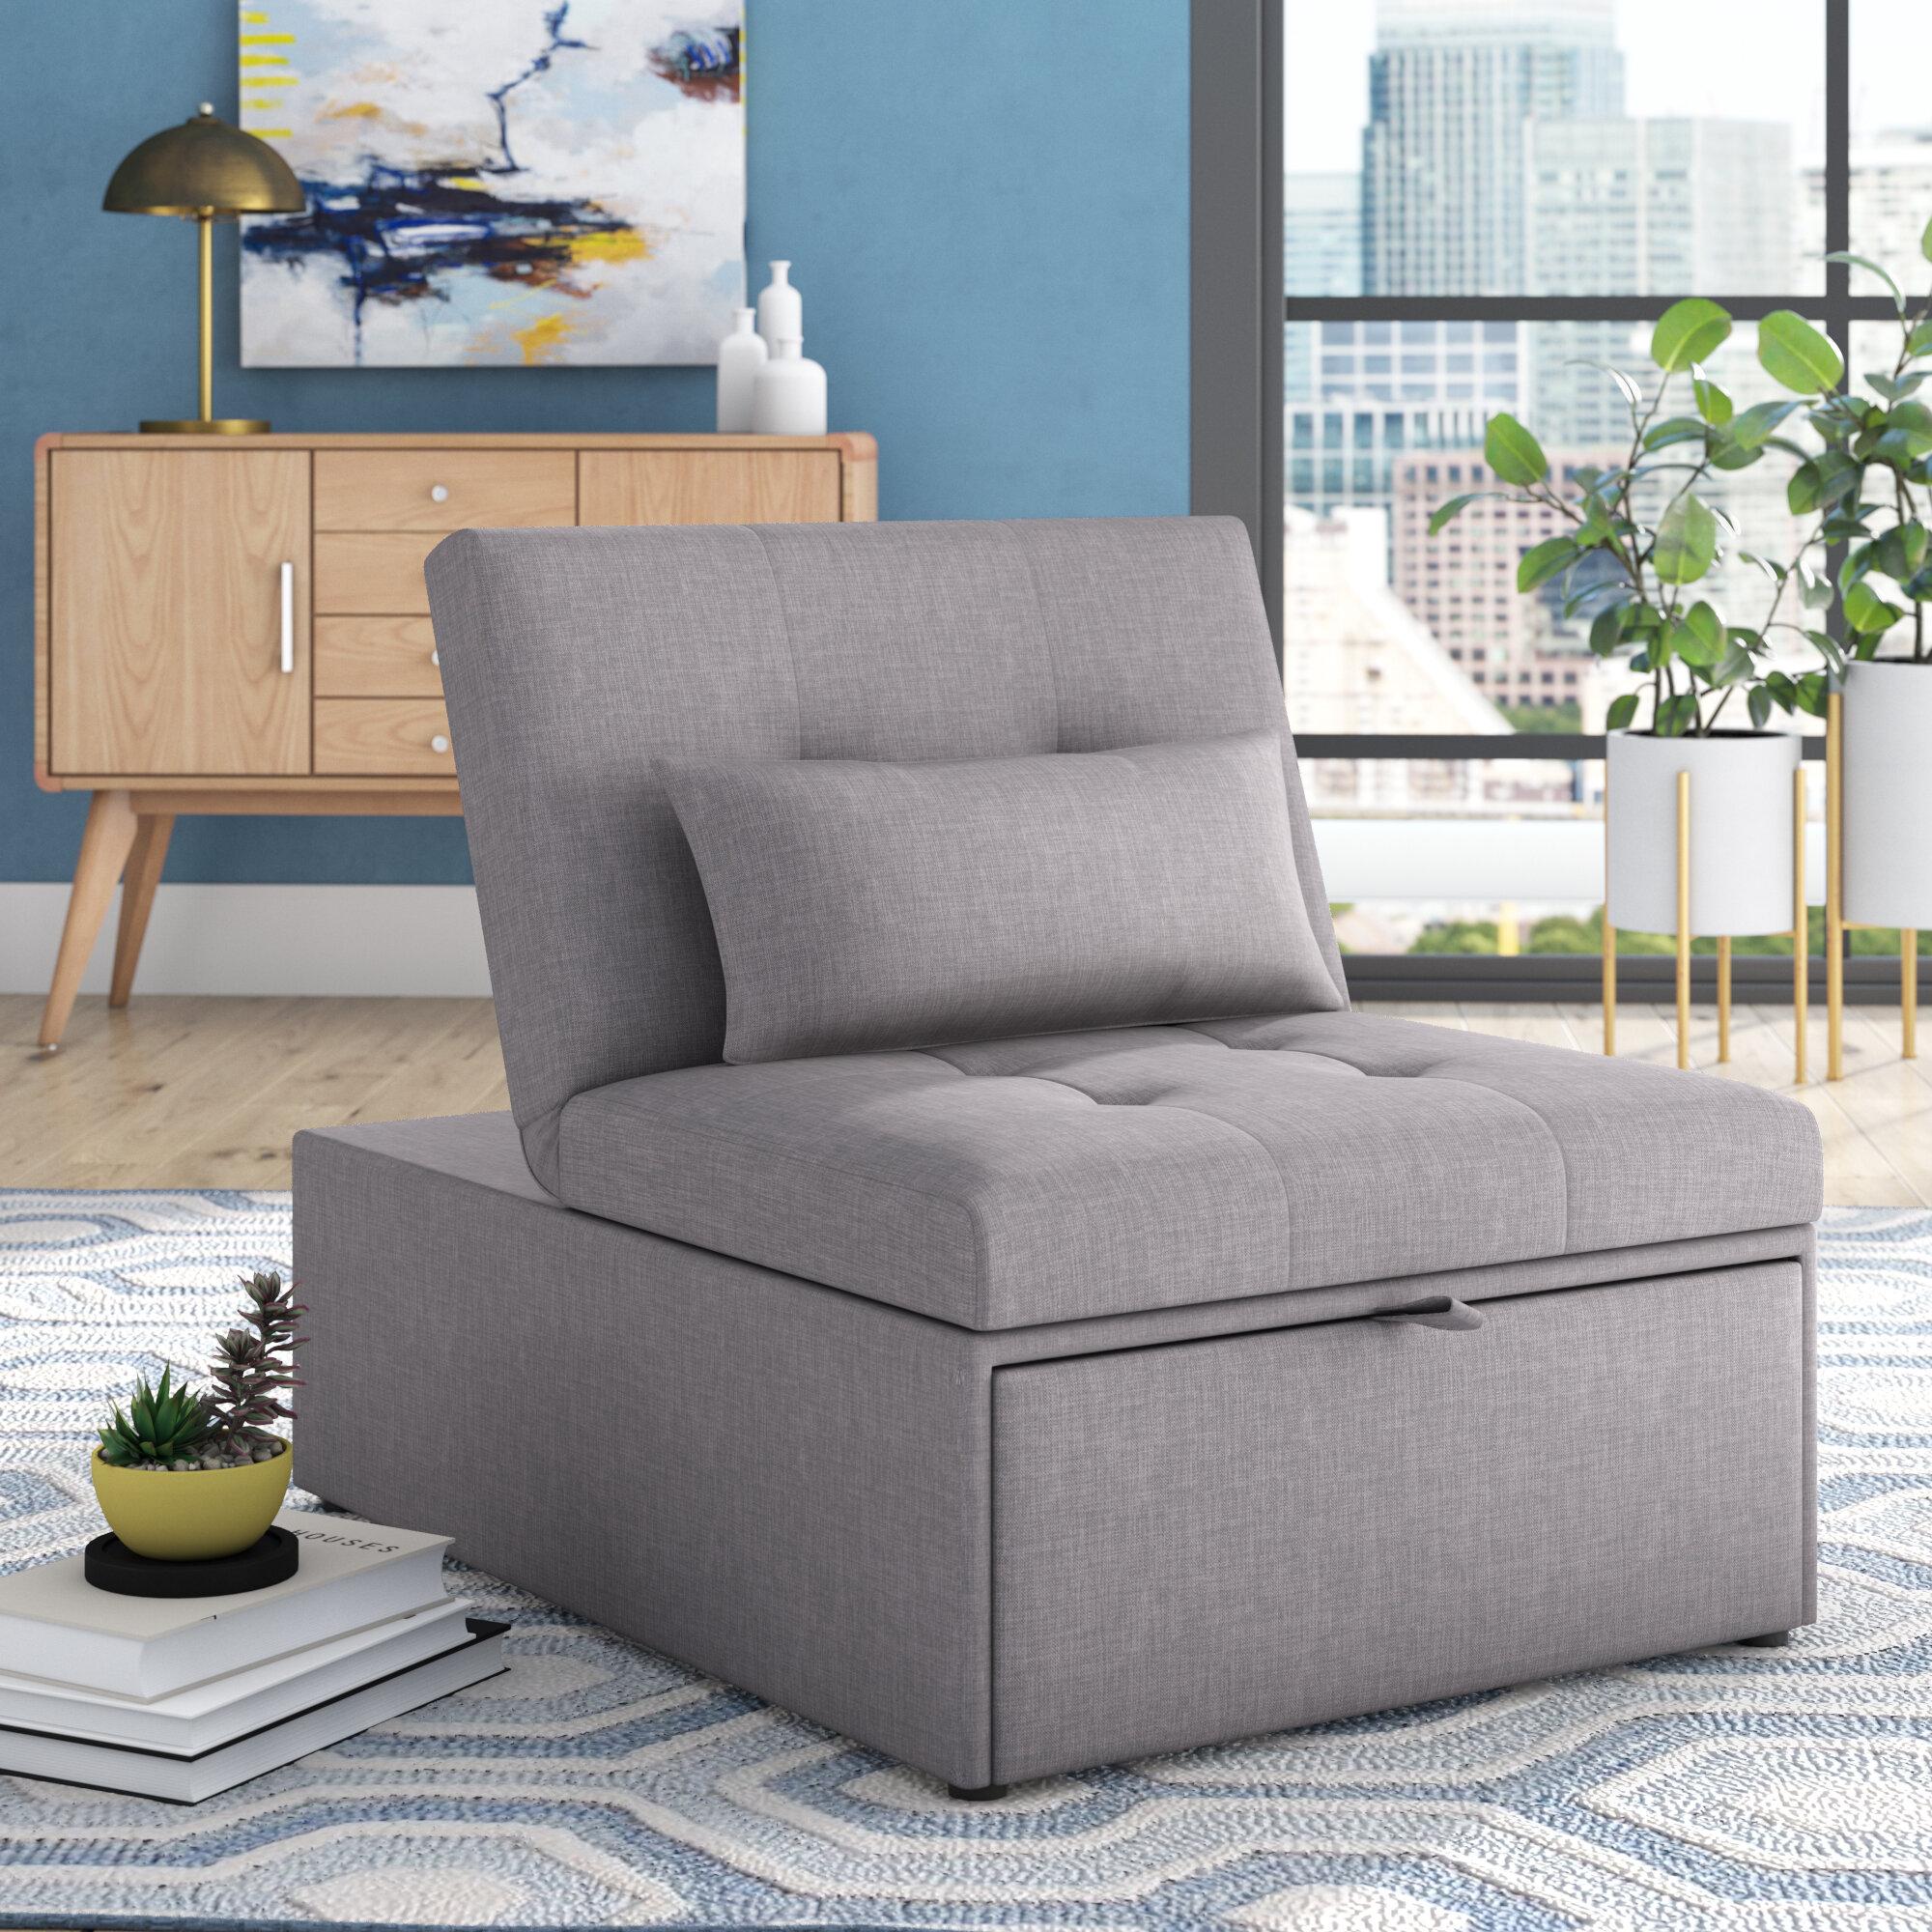 Grovelane Aaronsburg Convertible Chair Reviews Wayfair